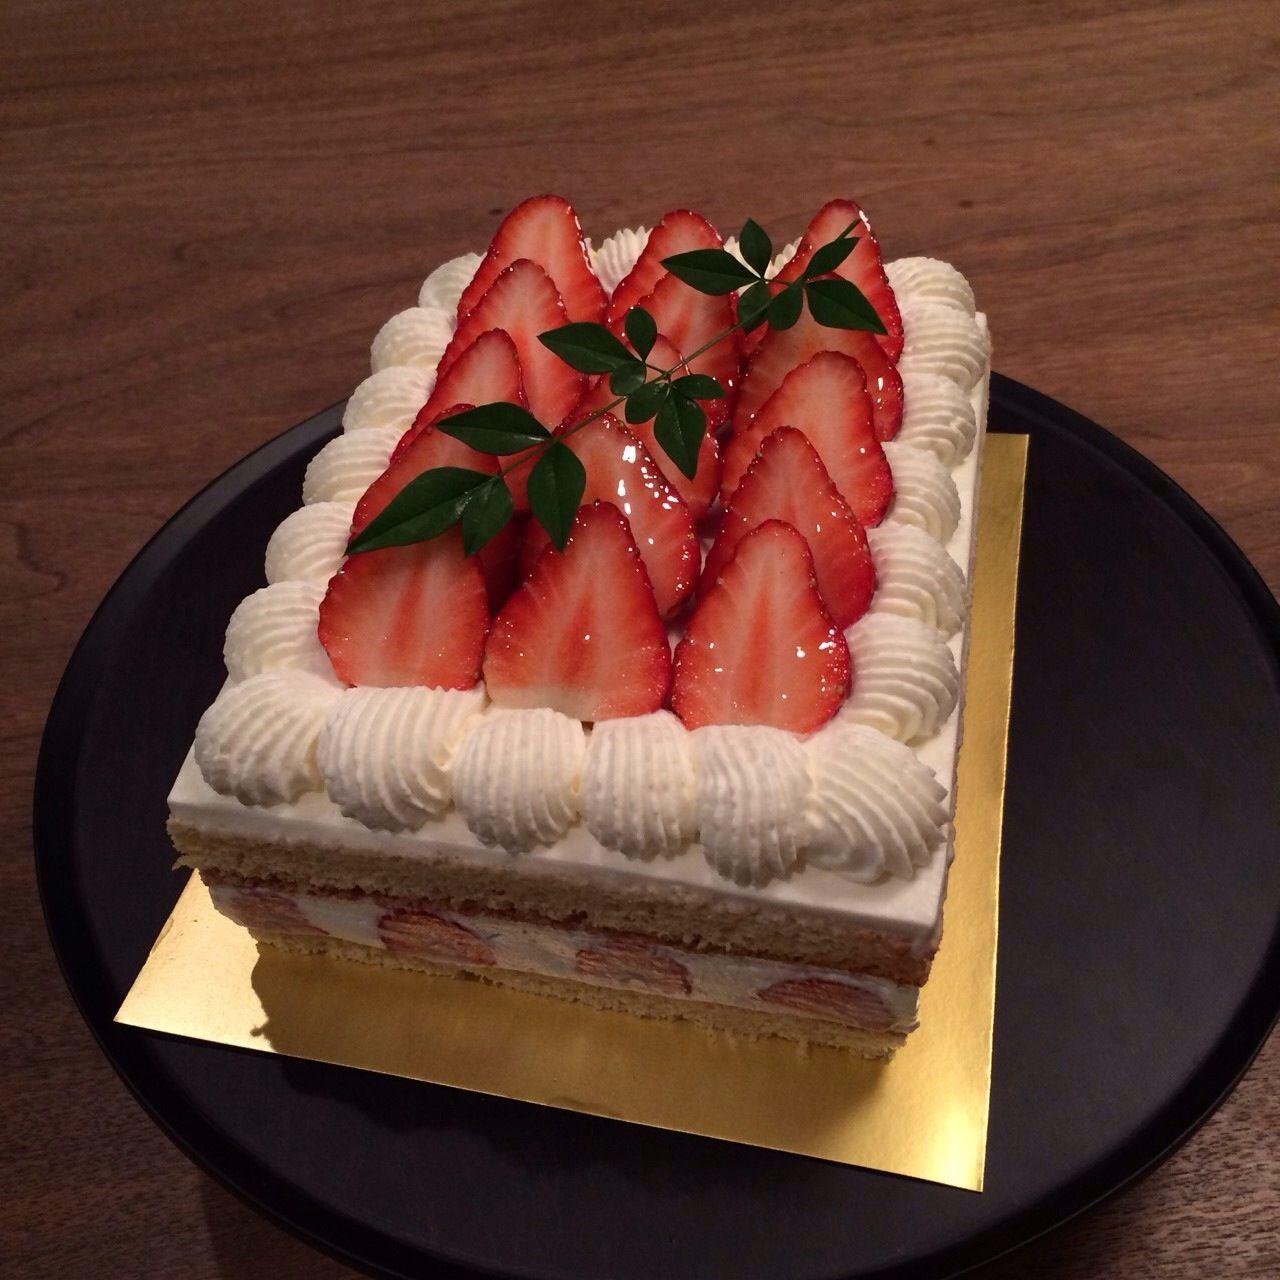 大人女子の集まりに持って行ったケーキ。子供もいるので、大人デザインで子供が好きなショートケーキ。